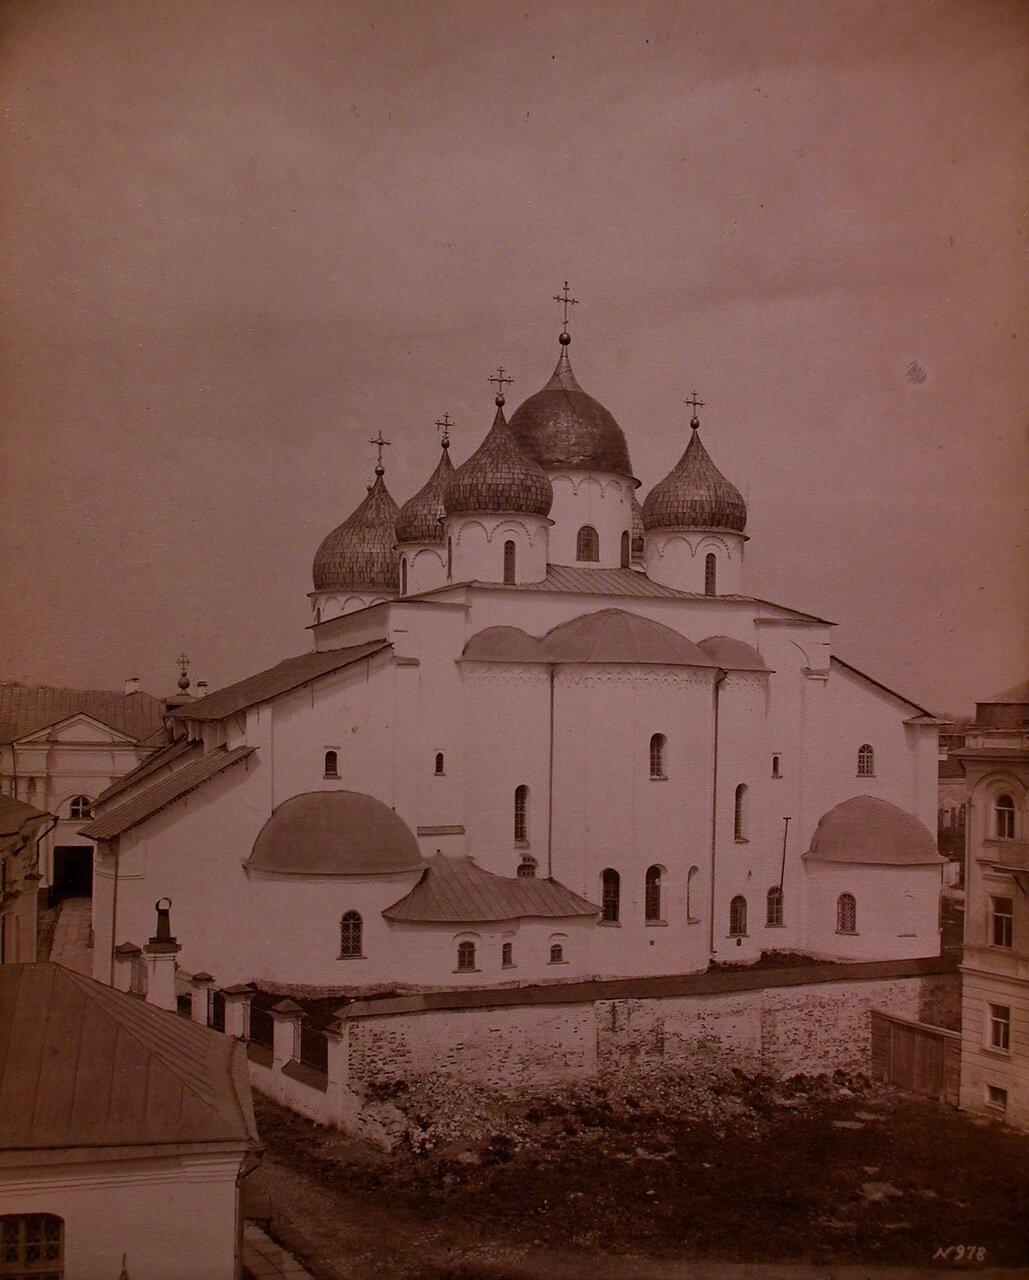 Вид восточного фасада Софийского собора (построен в 1045-1050 гг.)